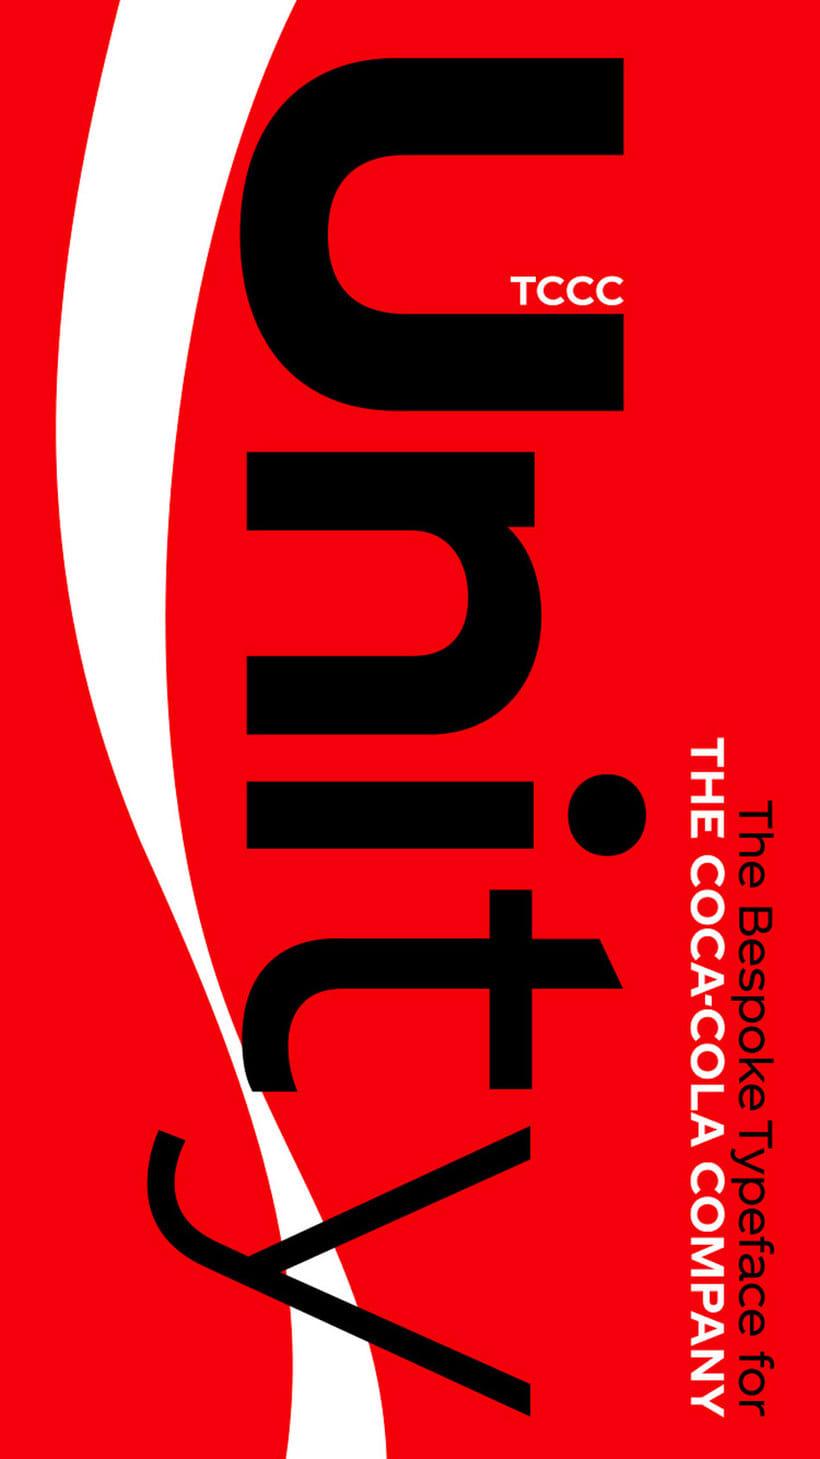 Coca-Cola ya tiene su propia tipografía 1